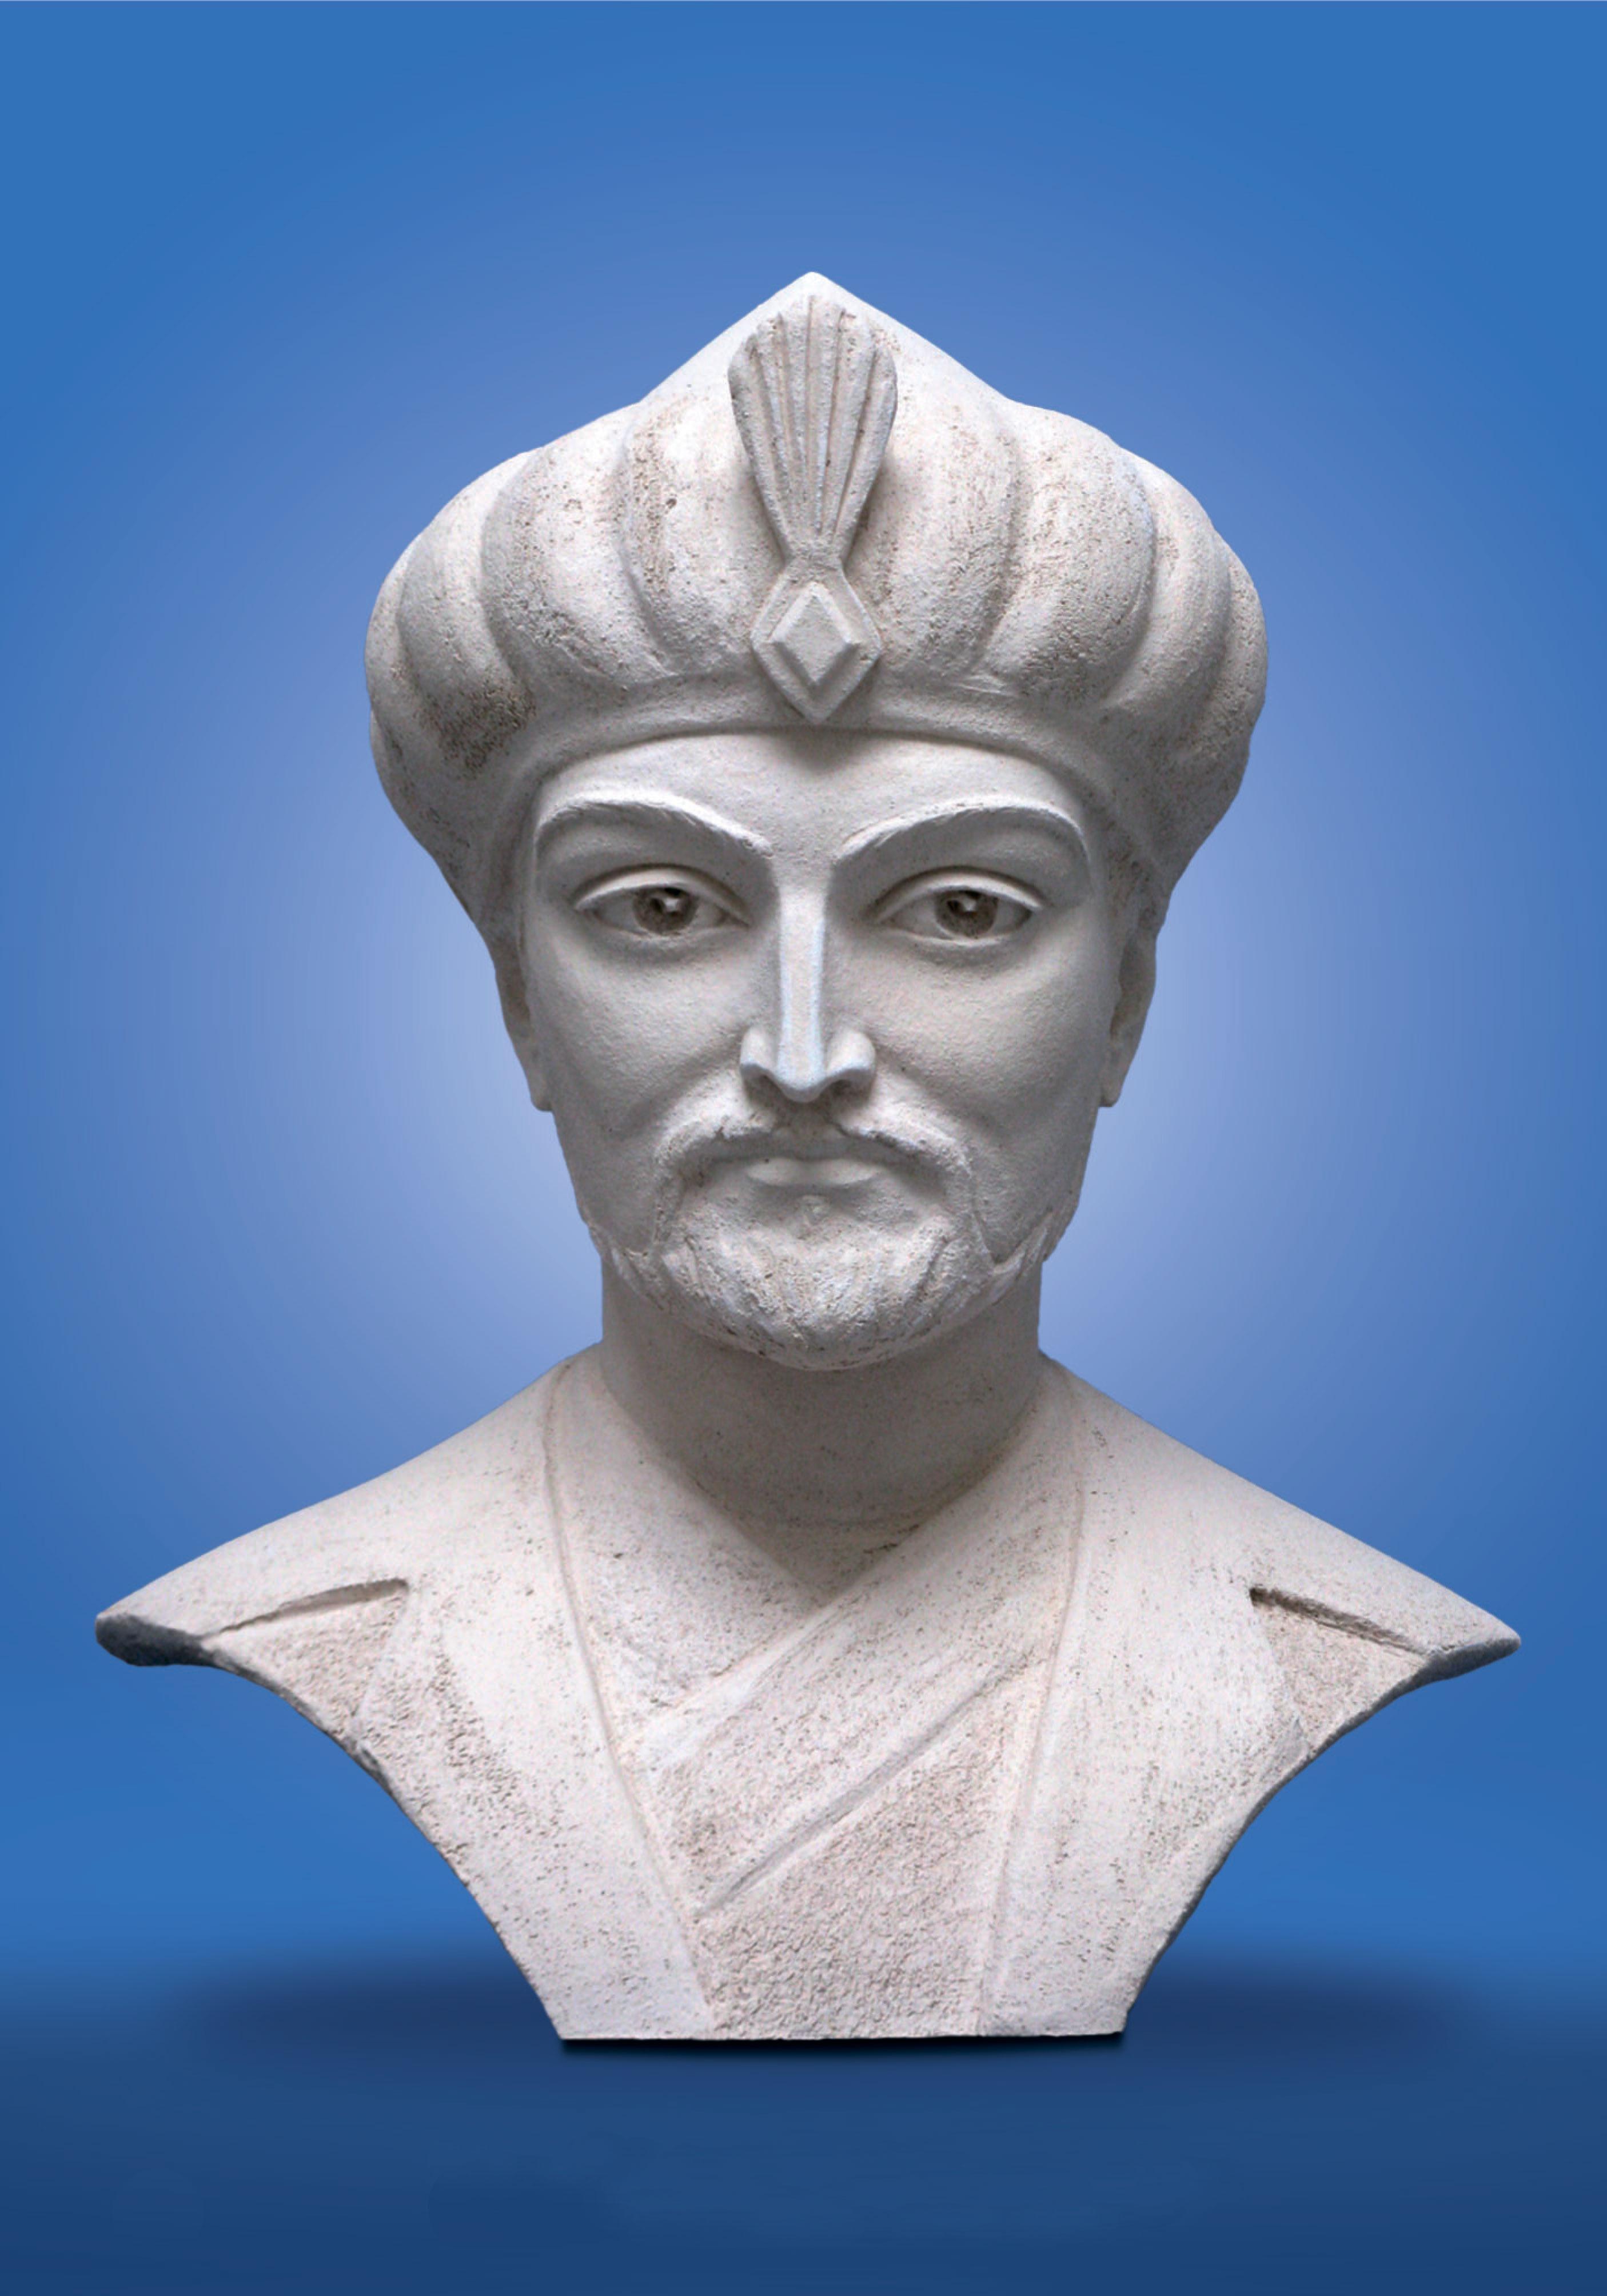 Император Акбар. 2009. - r¦¦¦ ¦ ta ¦t¦¦¦¬¦¬¦¦¦¬¦¦. 2009ta. ti¦ ¦ ¦ tv